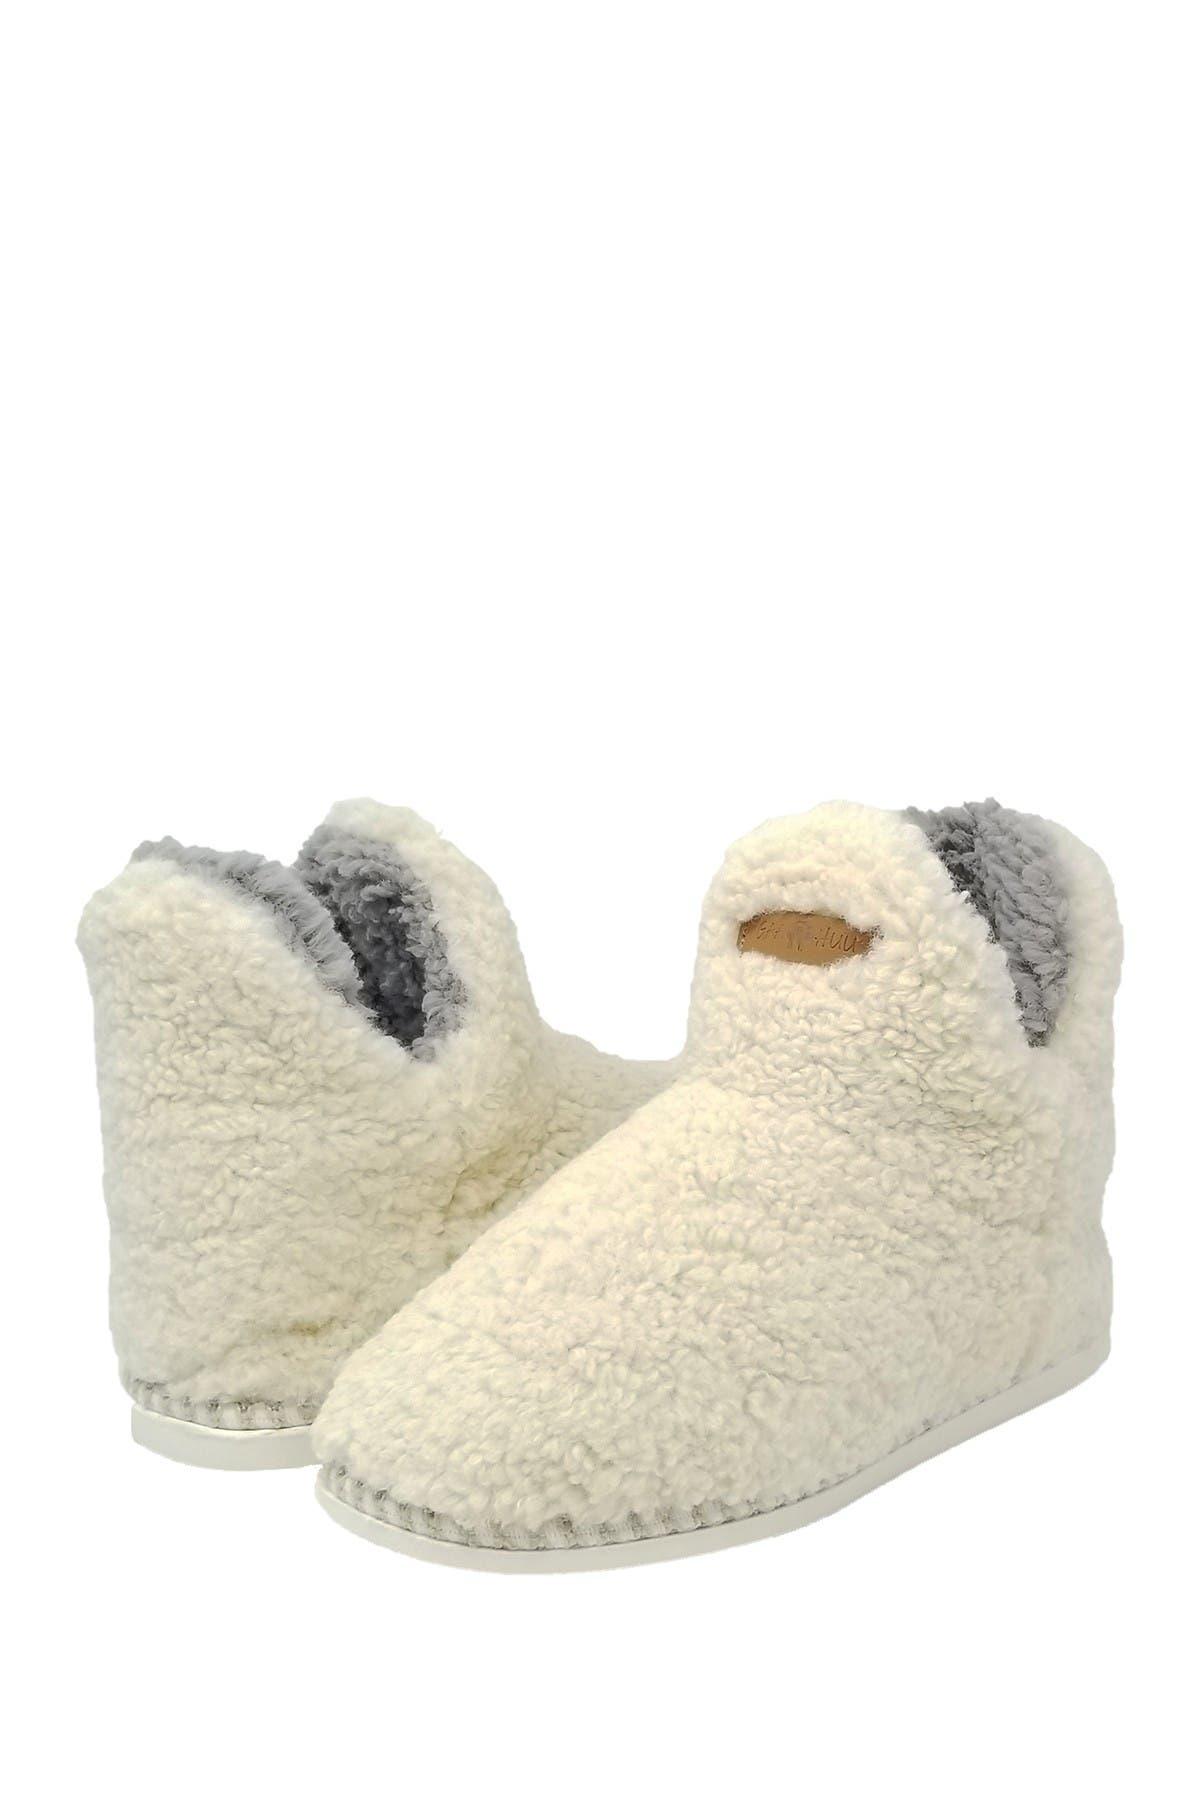 Image of GAAHUU Berber Faux Fur Slipper Boot